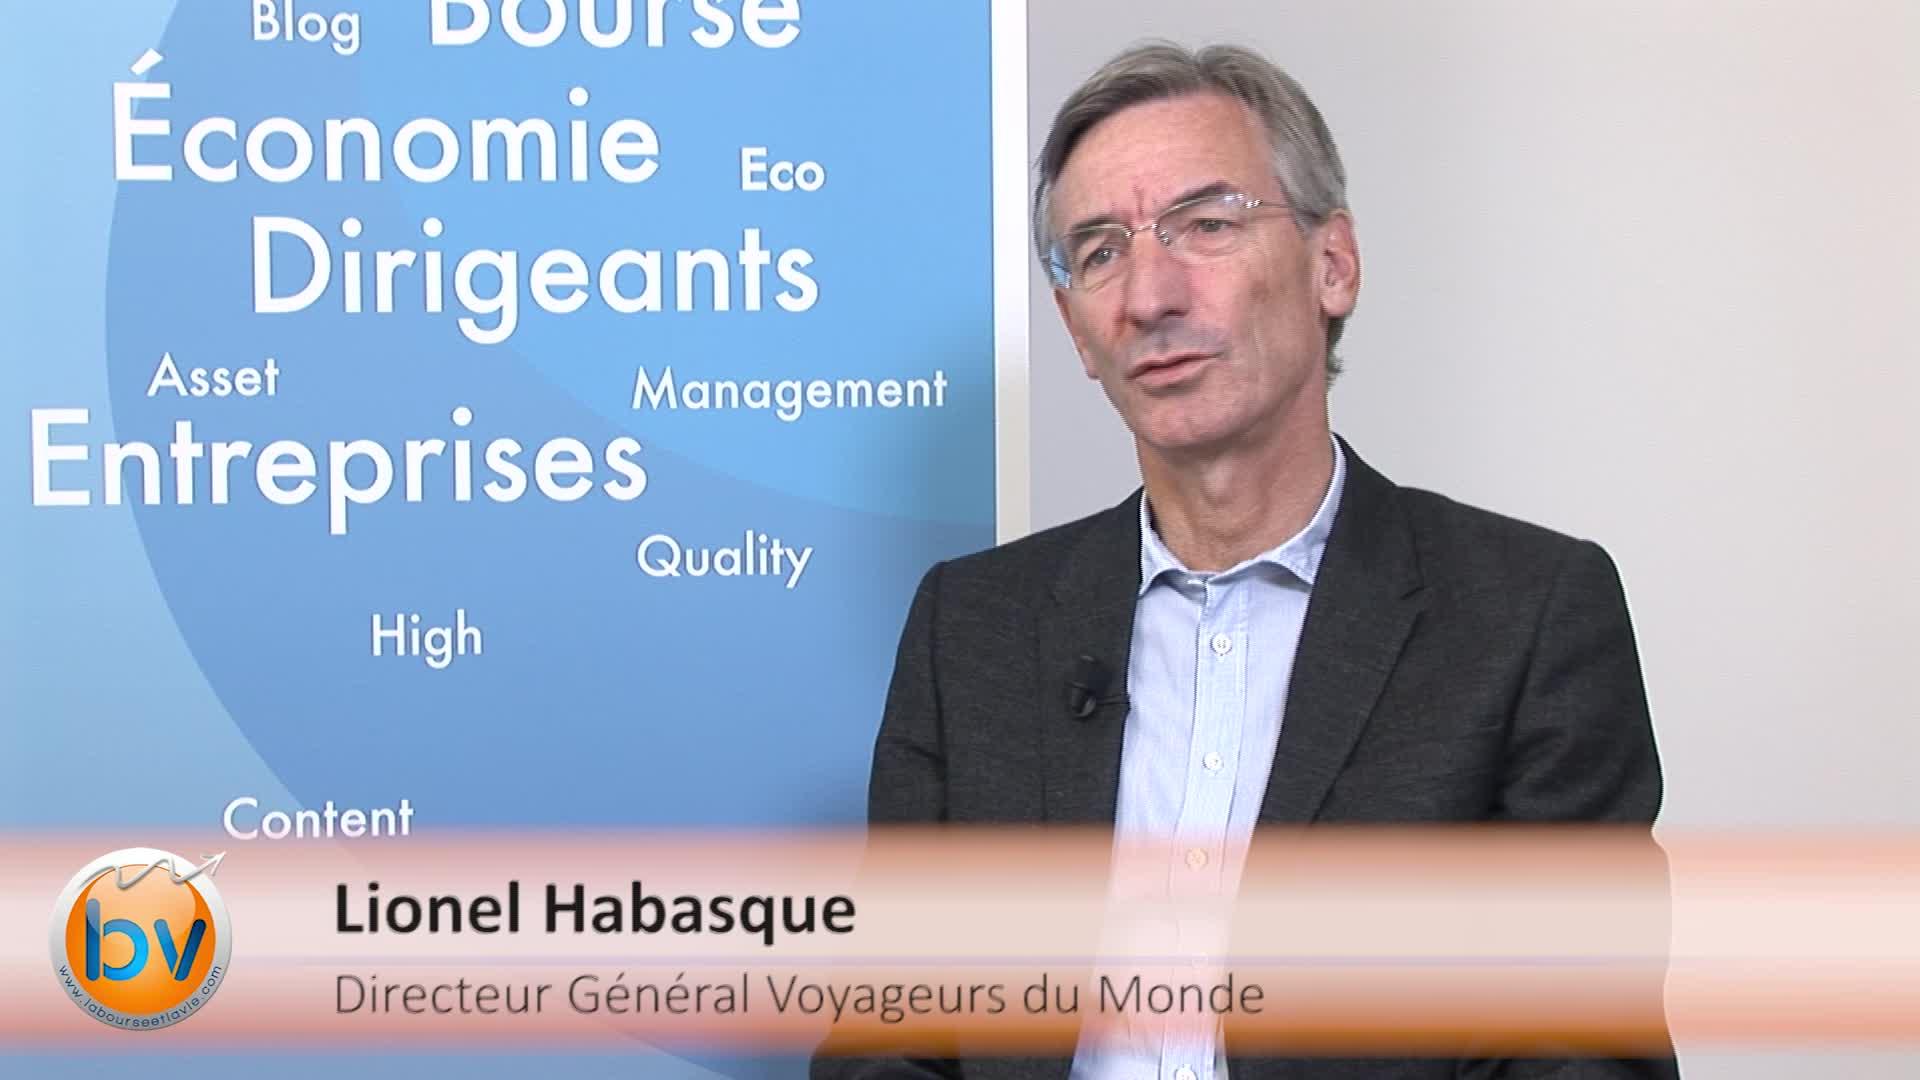 """Lionel Habasque Directeur Général Voyageurs du Monde : """"S'implanter à l'étranger par croissance externe"""""""